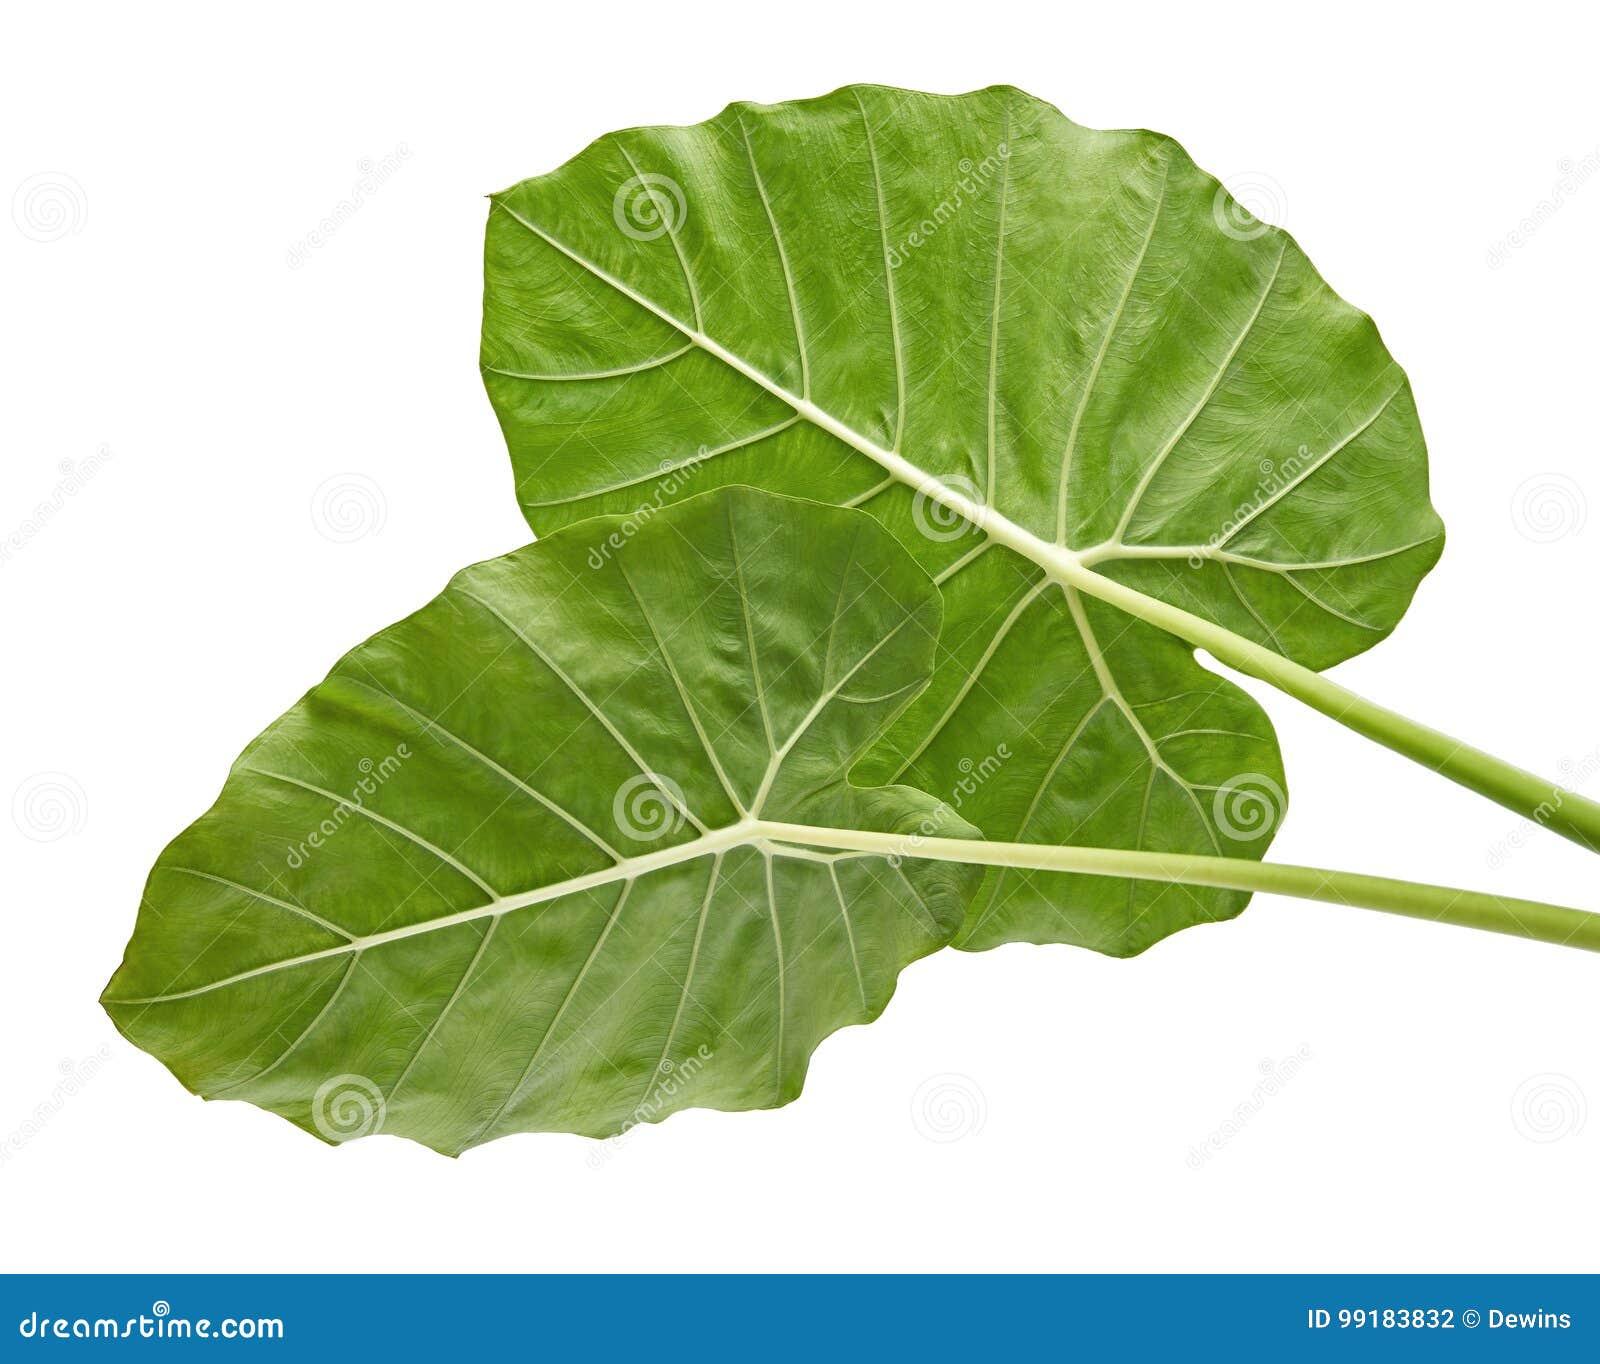 Colocasiabladet, stor grön lövverk kallade också denvädrade liljan eller det jätte- upprätta elefantörat som isolerades på vit ba